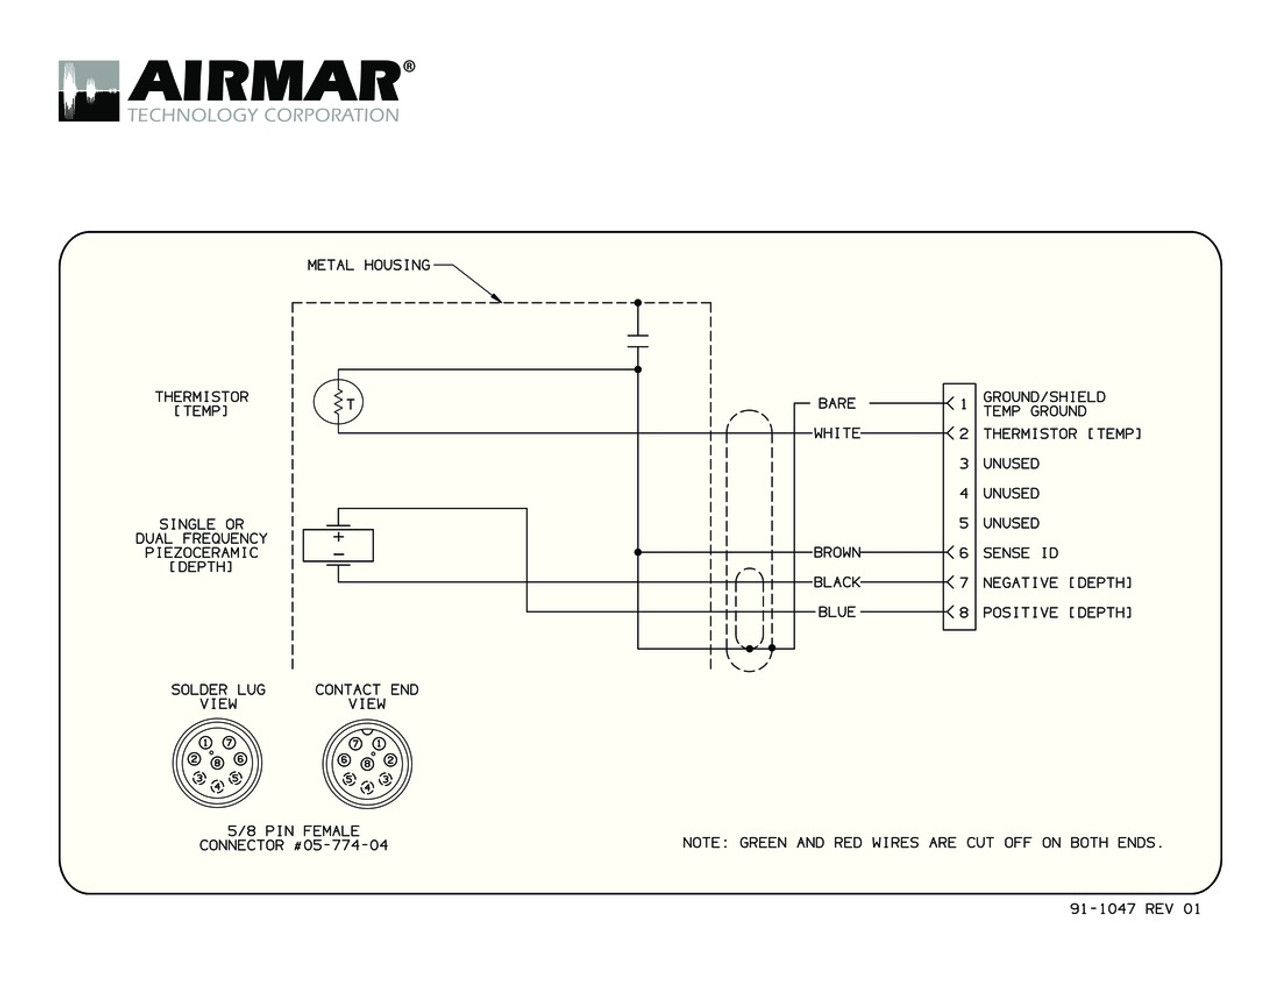 Airmar Wiring Diagram Garmin B117 8 Pin (D,T) | Blue